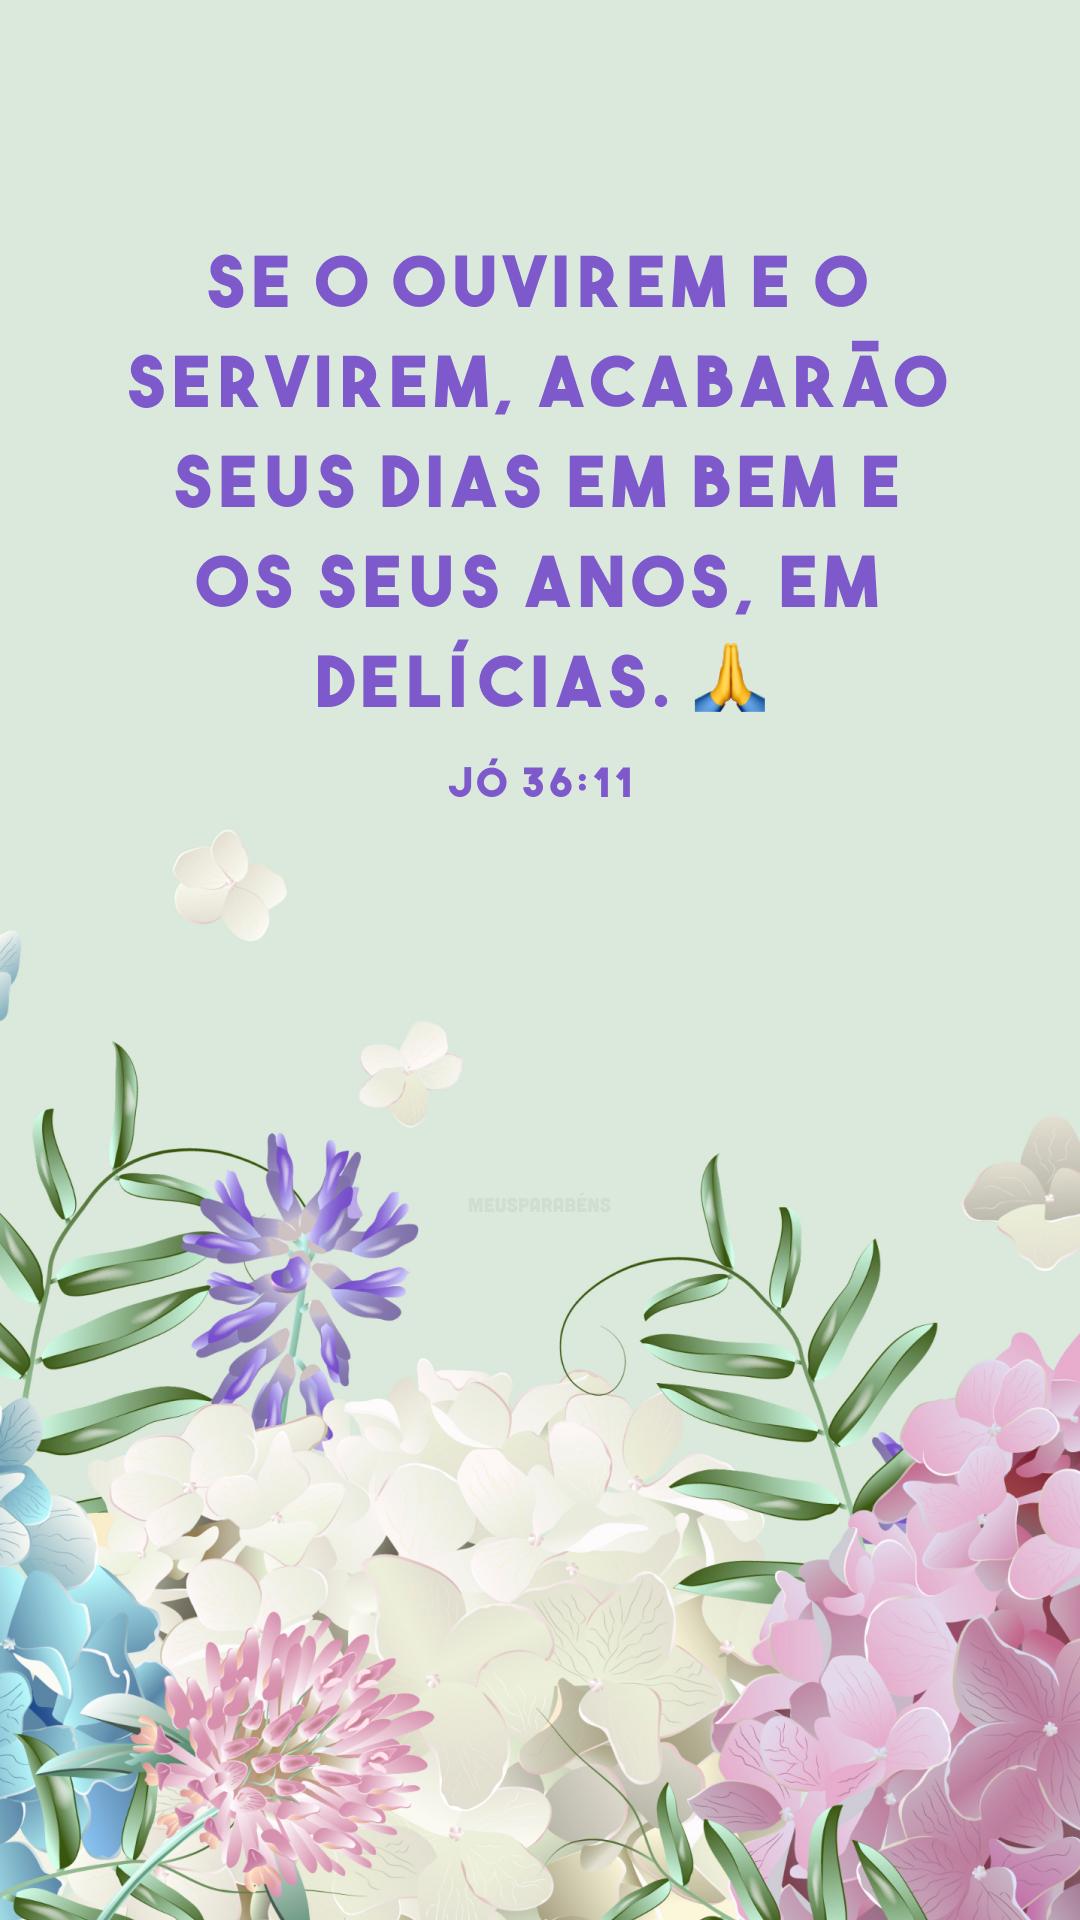 Se o ouvirem e o servirem, acabarão seus dias em bem e os seus anos, em delícias. 🙏<br />